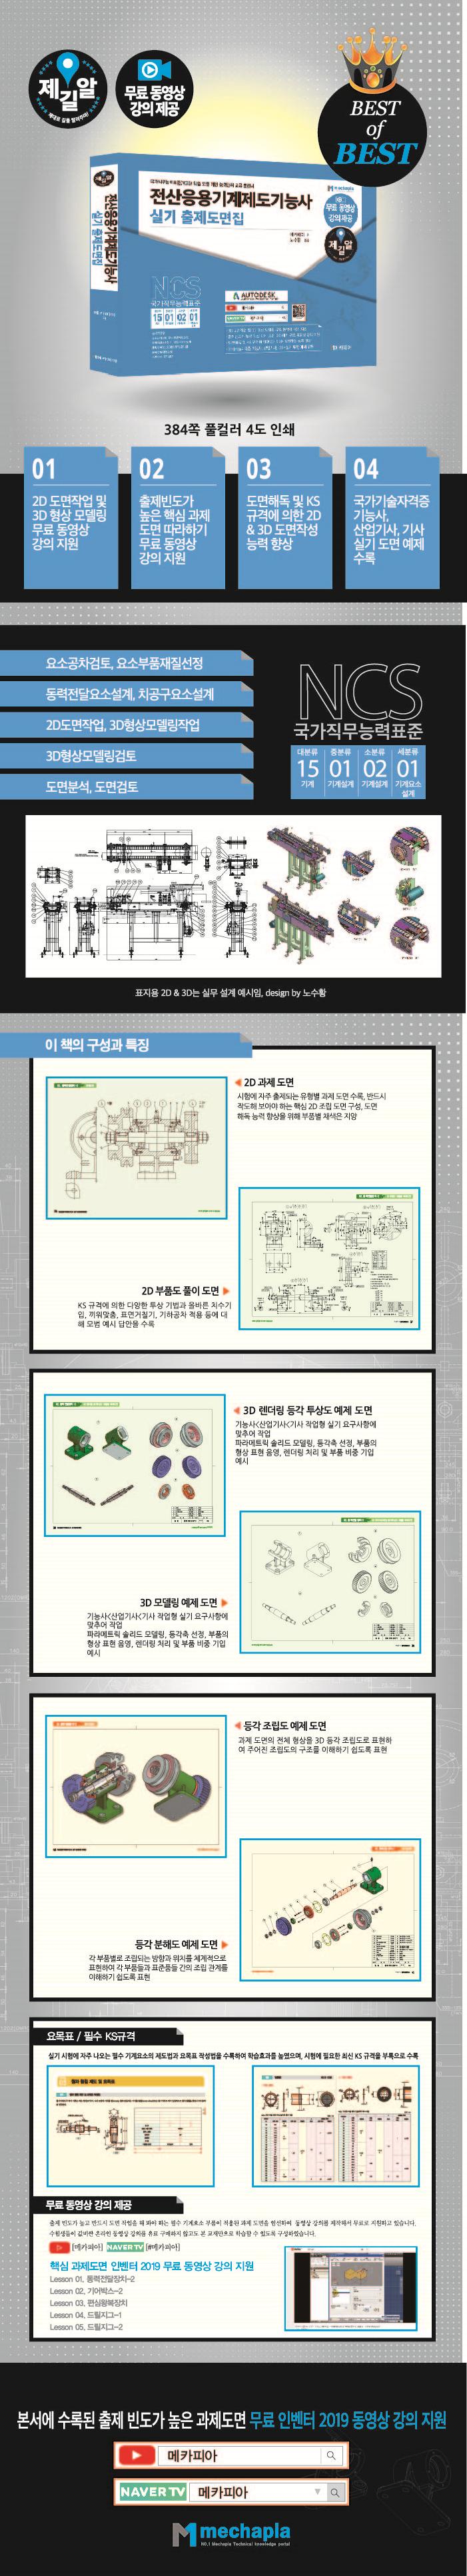 3전산응용 기능사 도면집 상세 미리보기.png